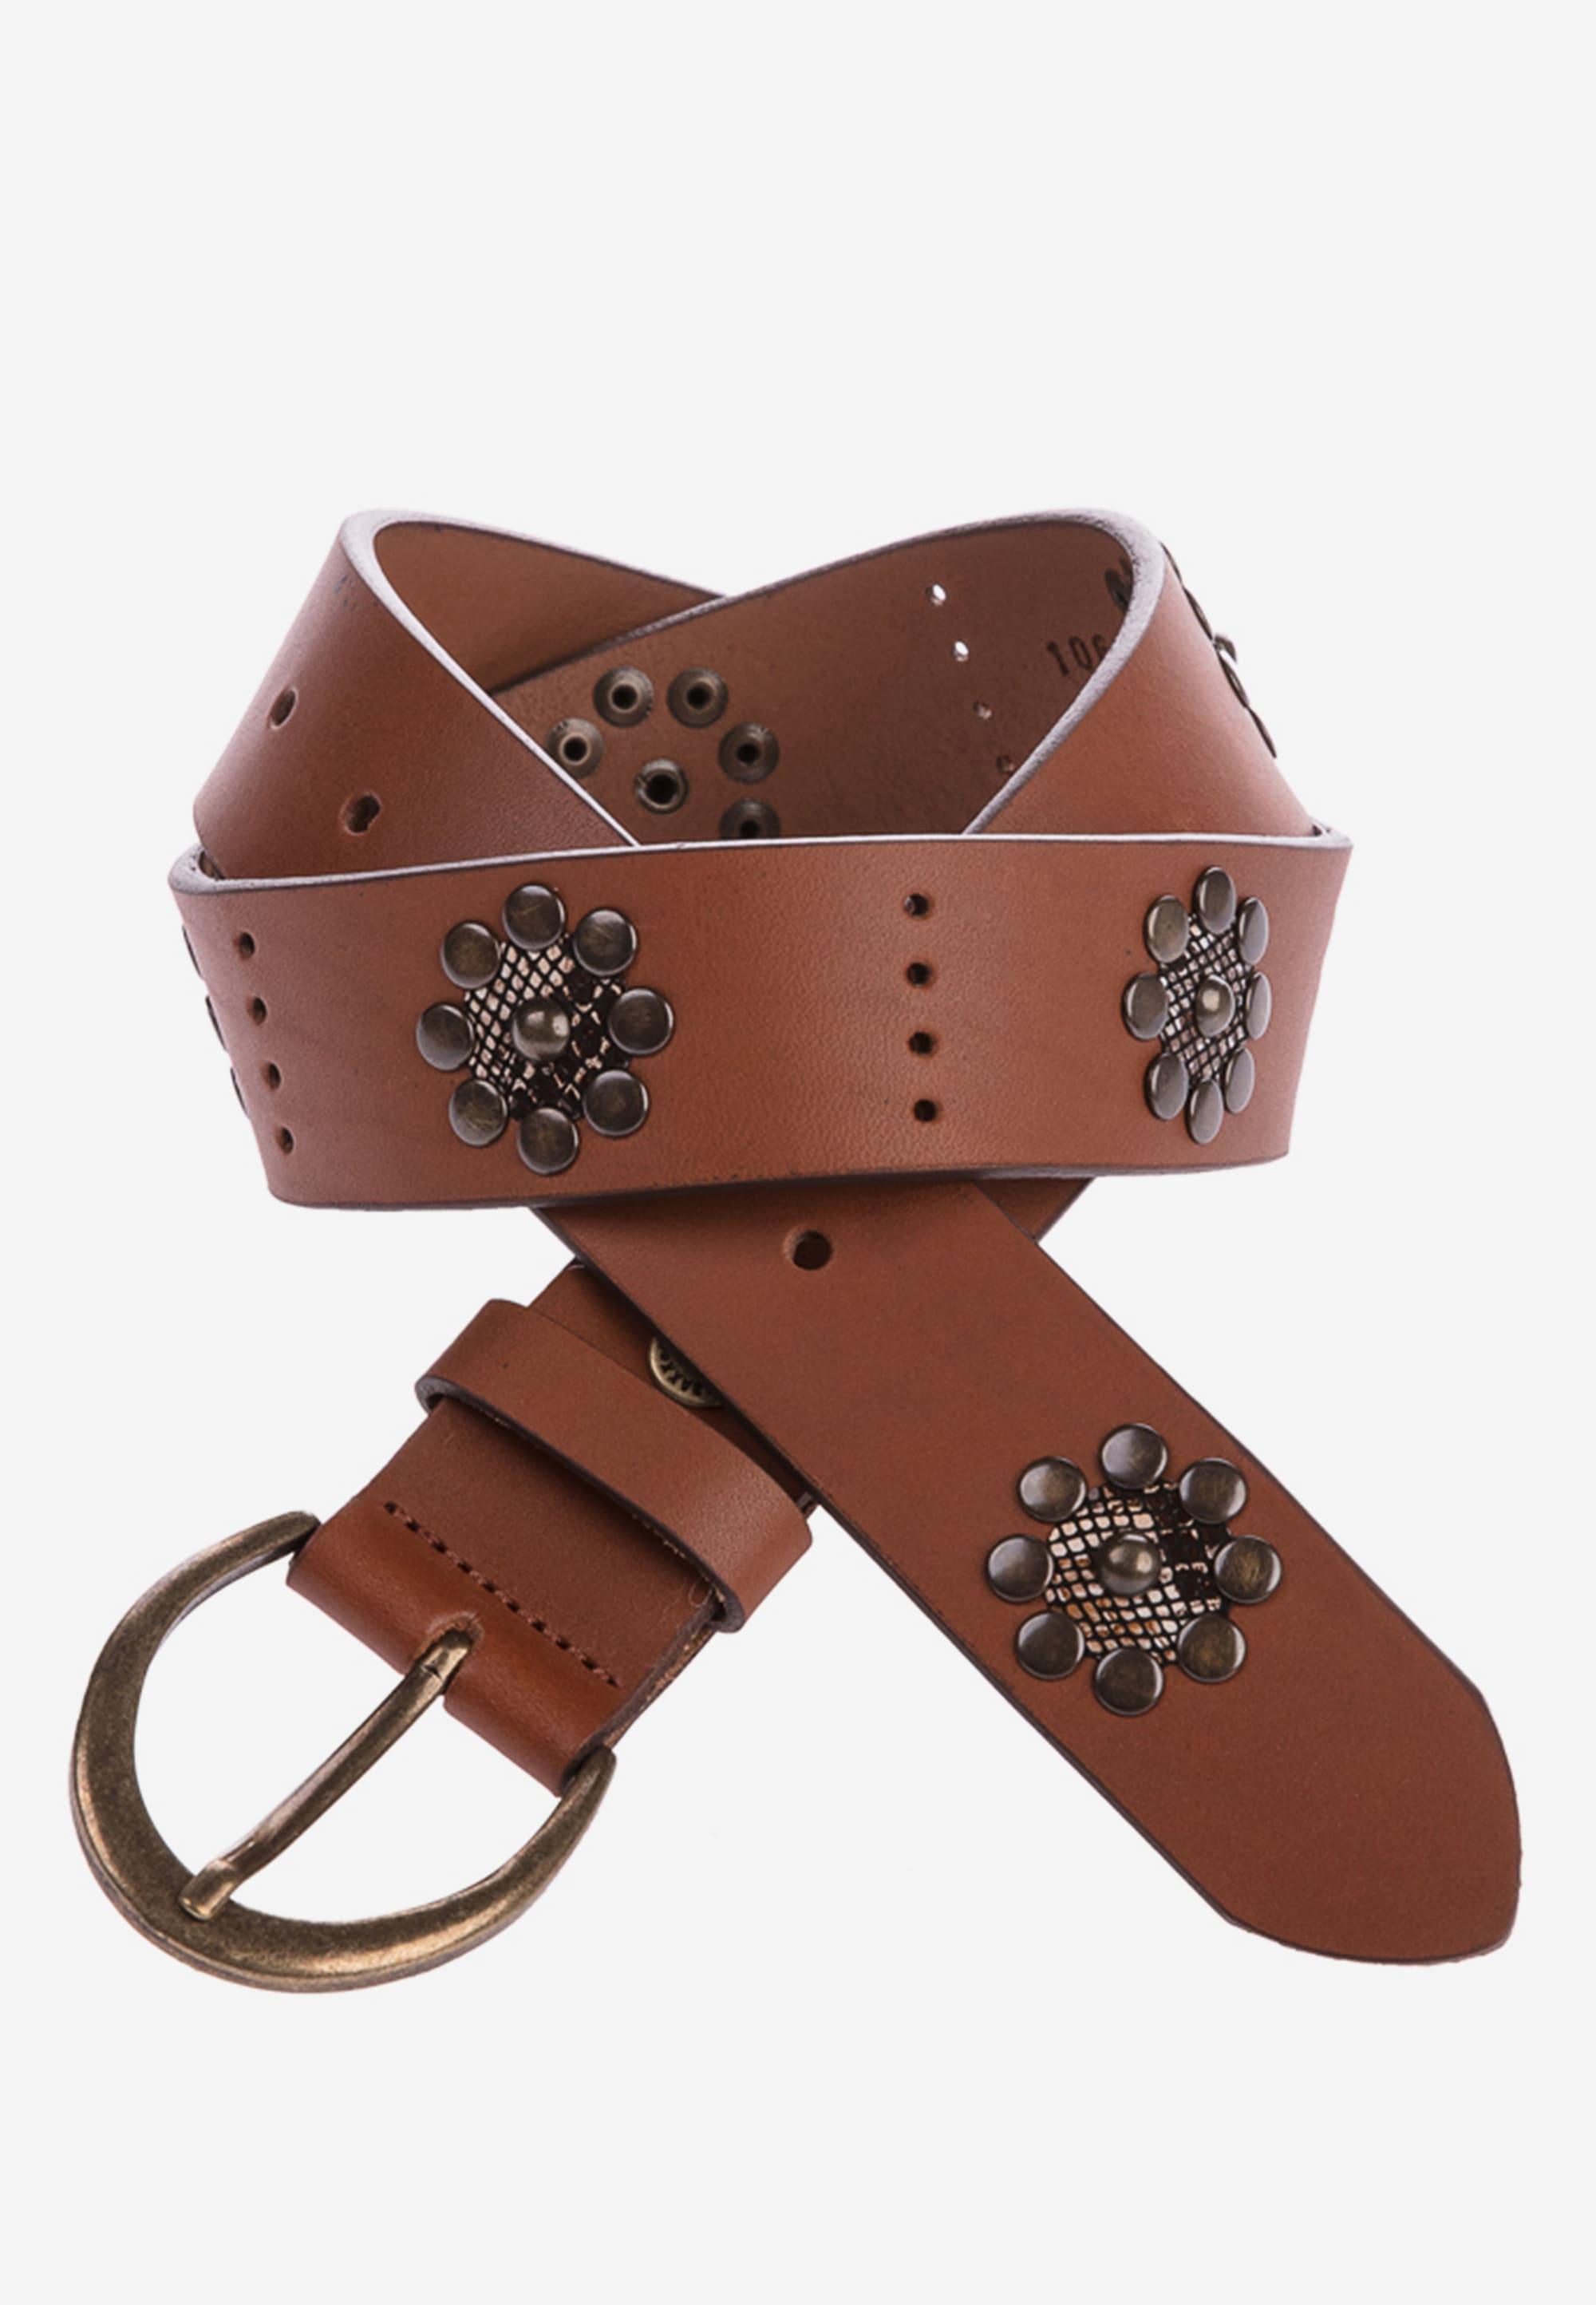 Cipo & Baxx Ledergürtel, in lässigem Design braun Damen Ledergürtel Gürtel Accessoires 4062765065706